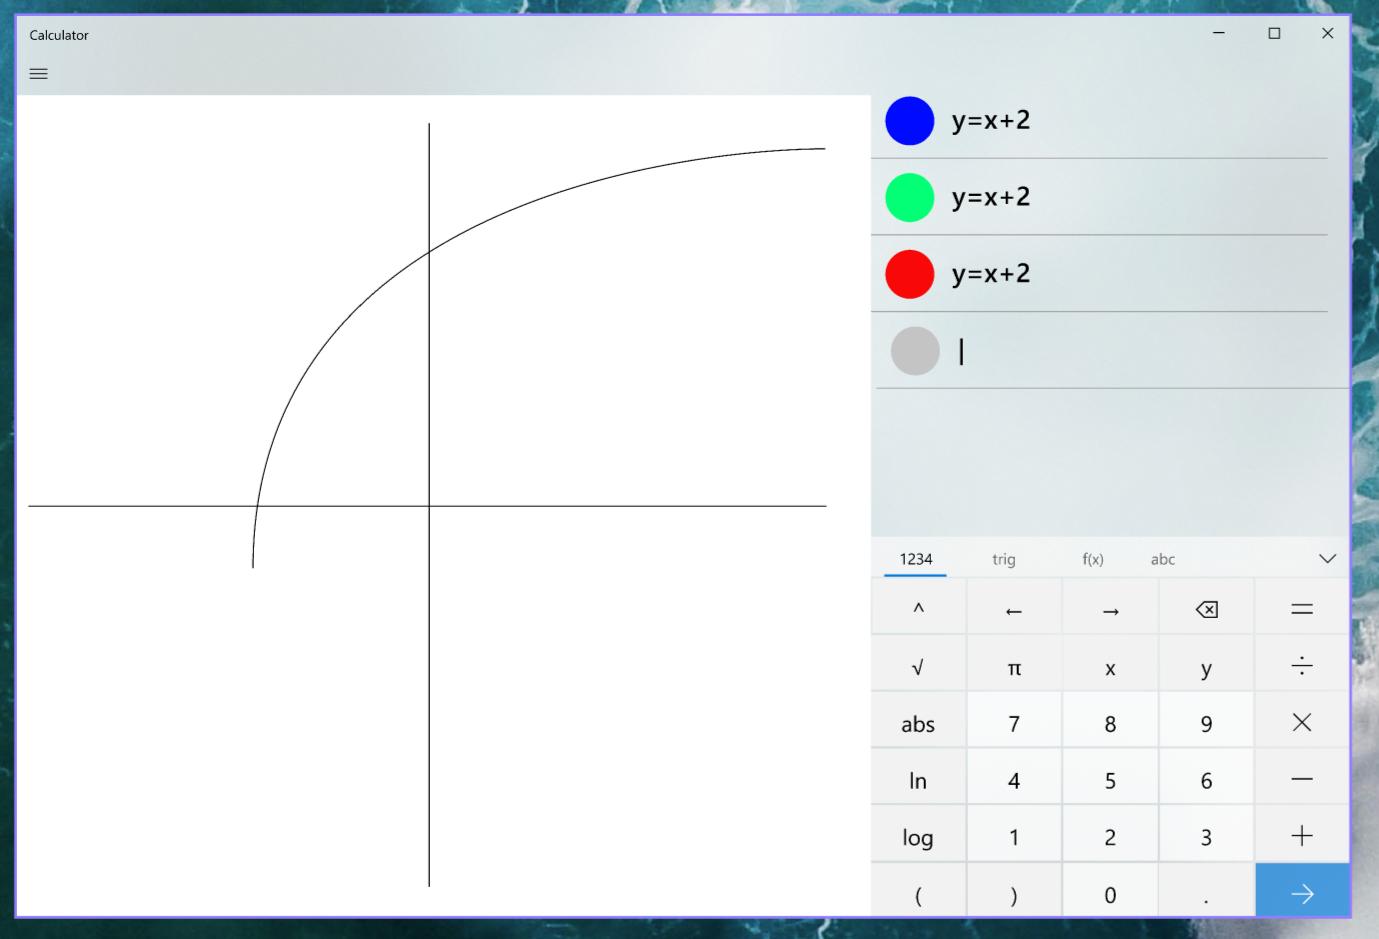 Modalità-grafica-Calcolatrice-Windows